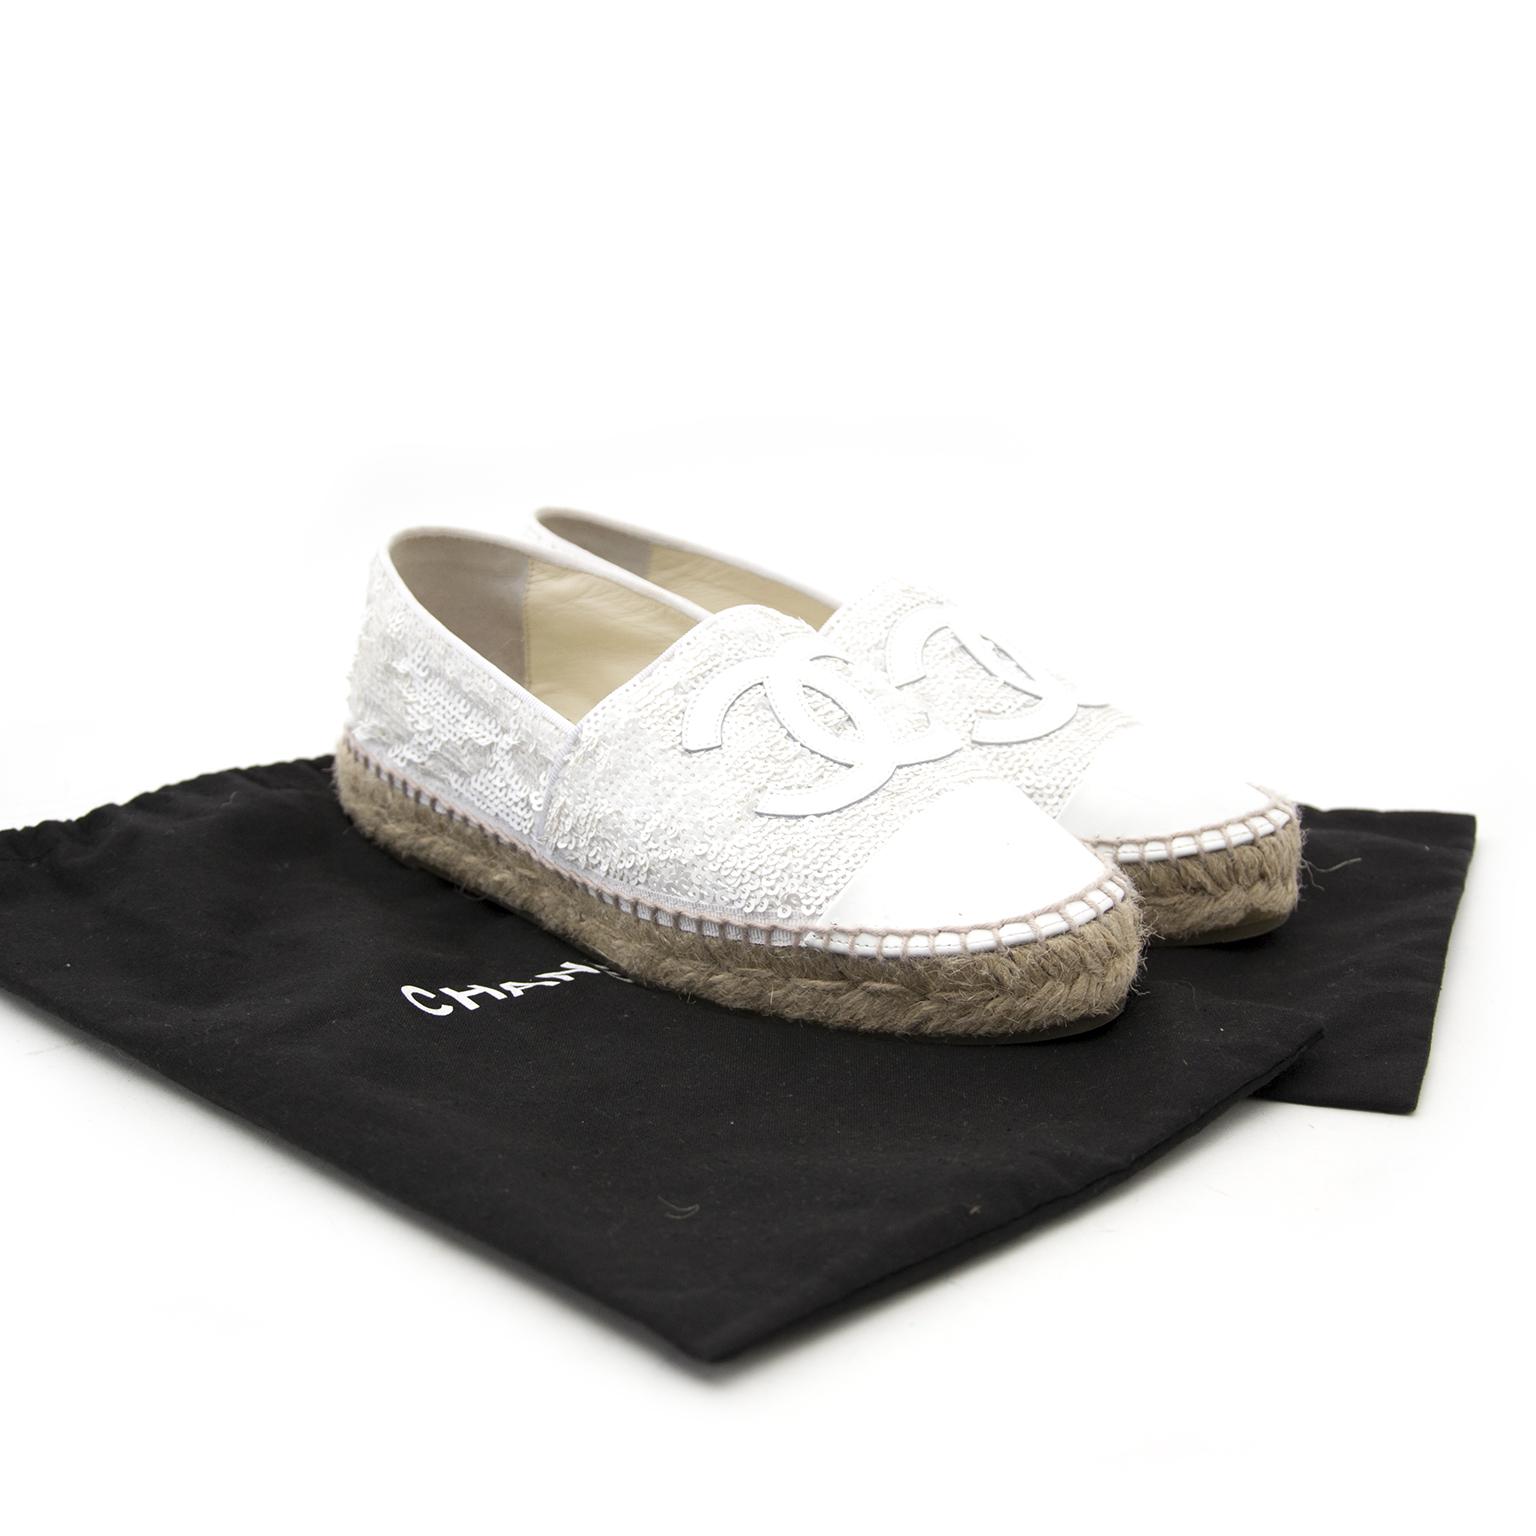 Acheter en ligne chez Labellov.com Chanel White Pailette Espadrilles - Size:36